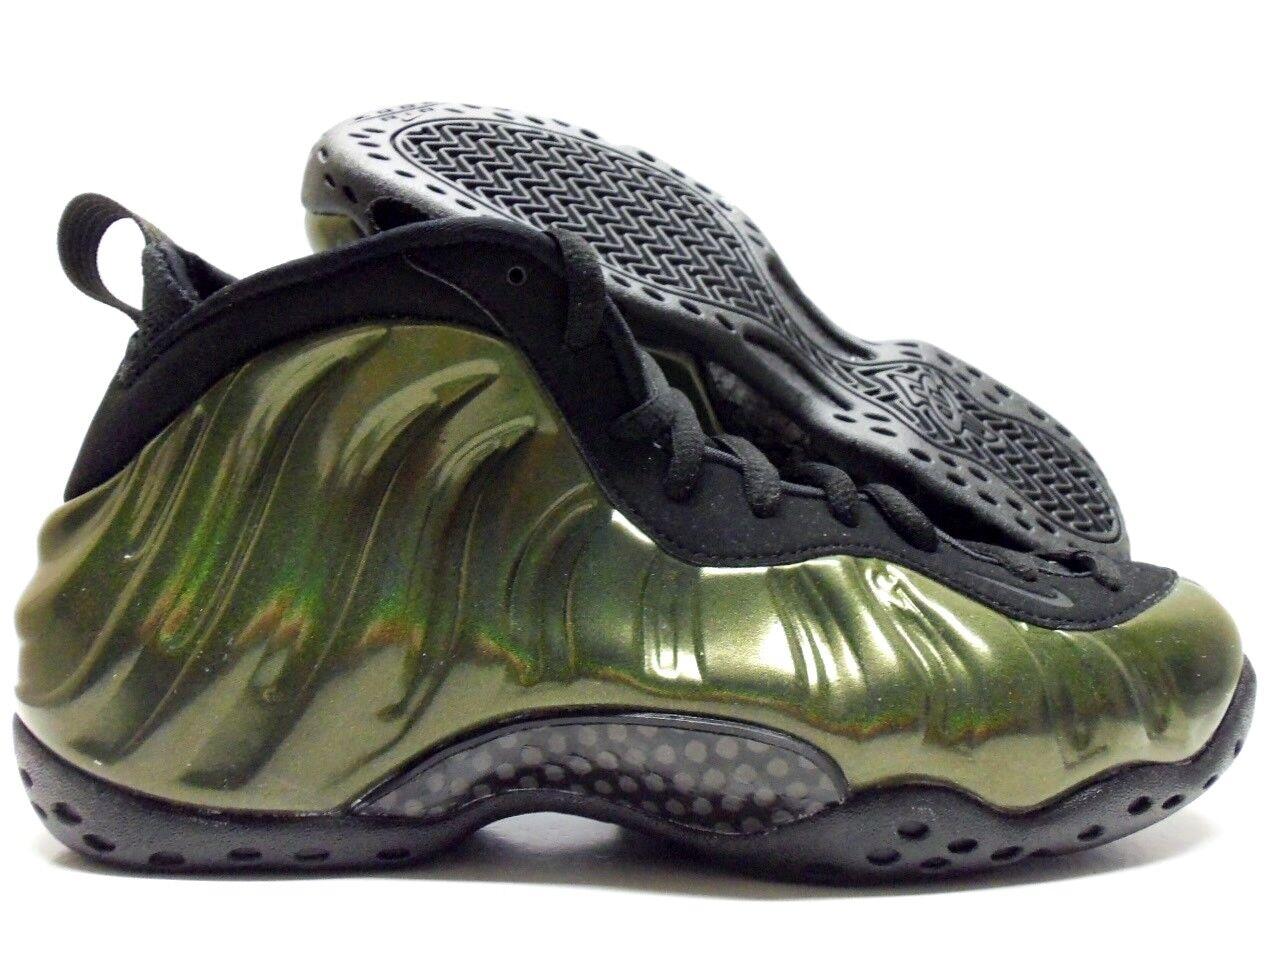 Nike air foamposite una legione verde / nero-nero dimensioni uomini 8 [314996-301]